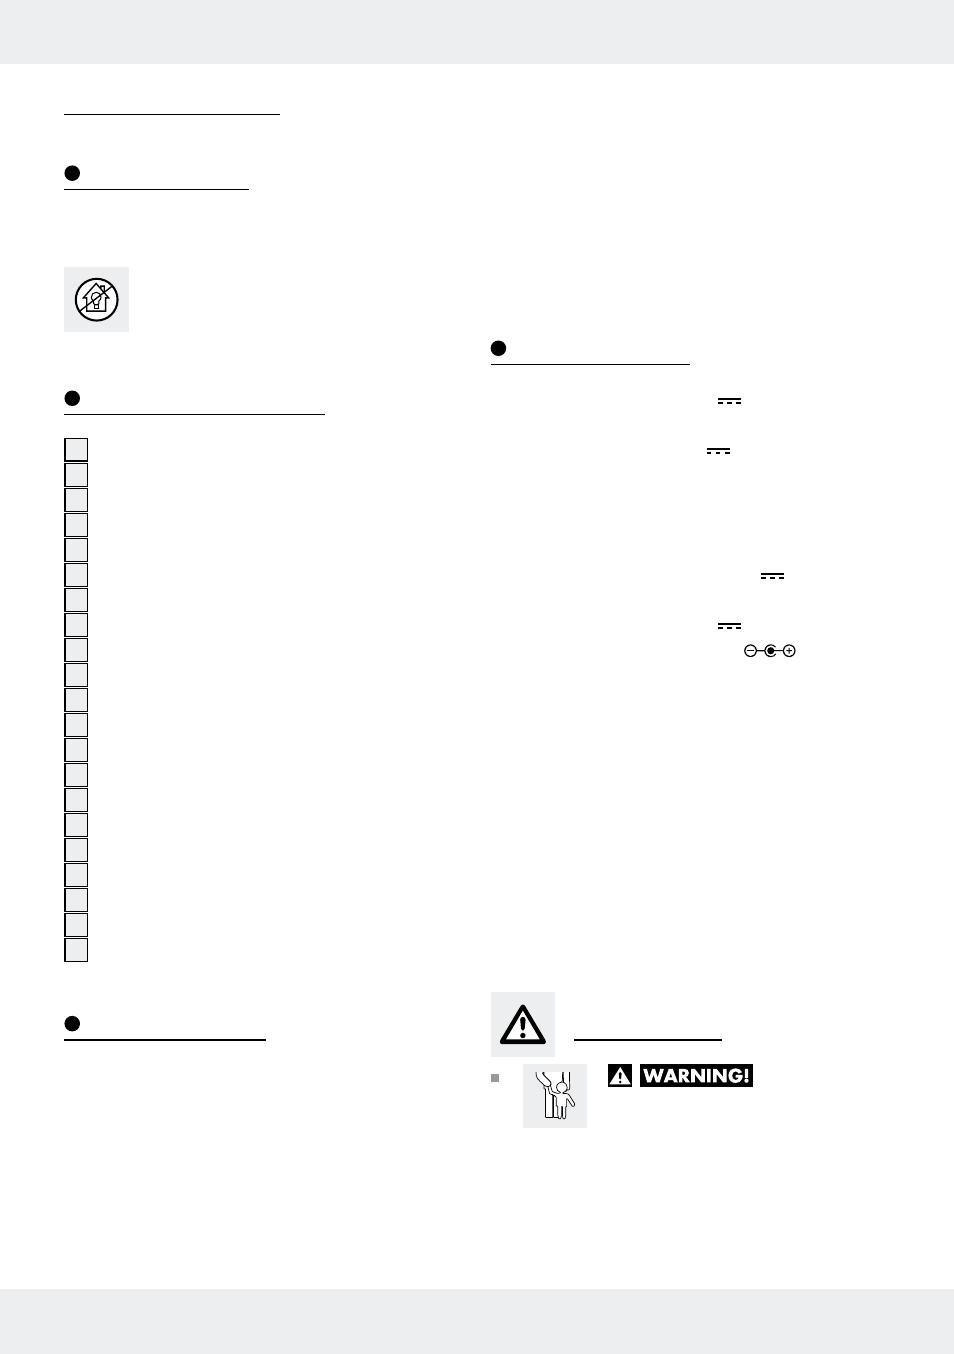 Led solar spotlight intended use, Description of parts